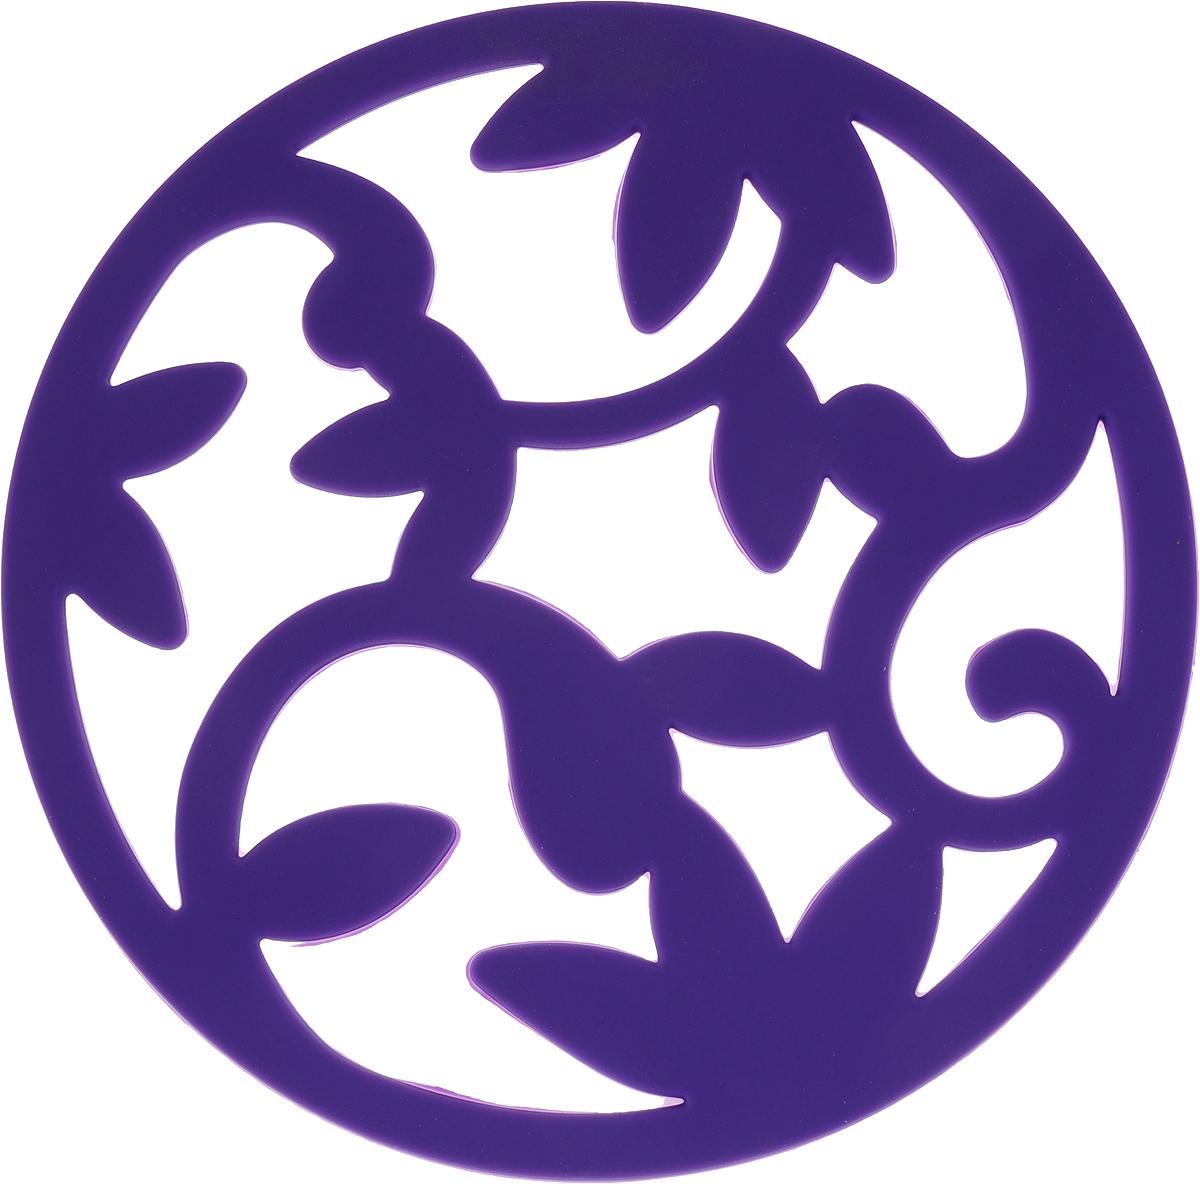 Подставка под горячее Доляна Флора, цвет: фиолетовый подставка под горячее stilars подставка под горячее